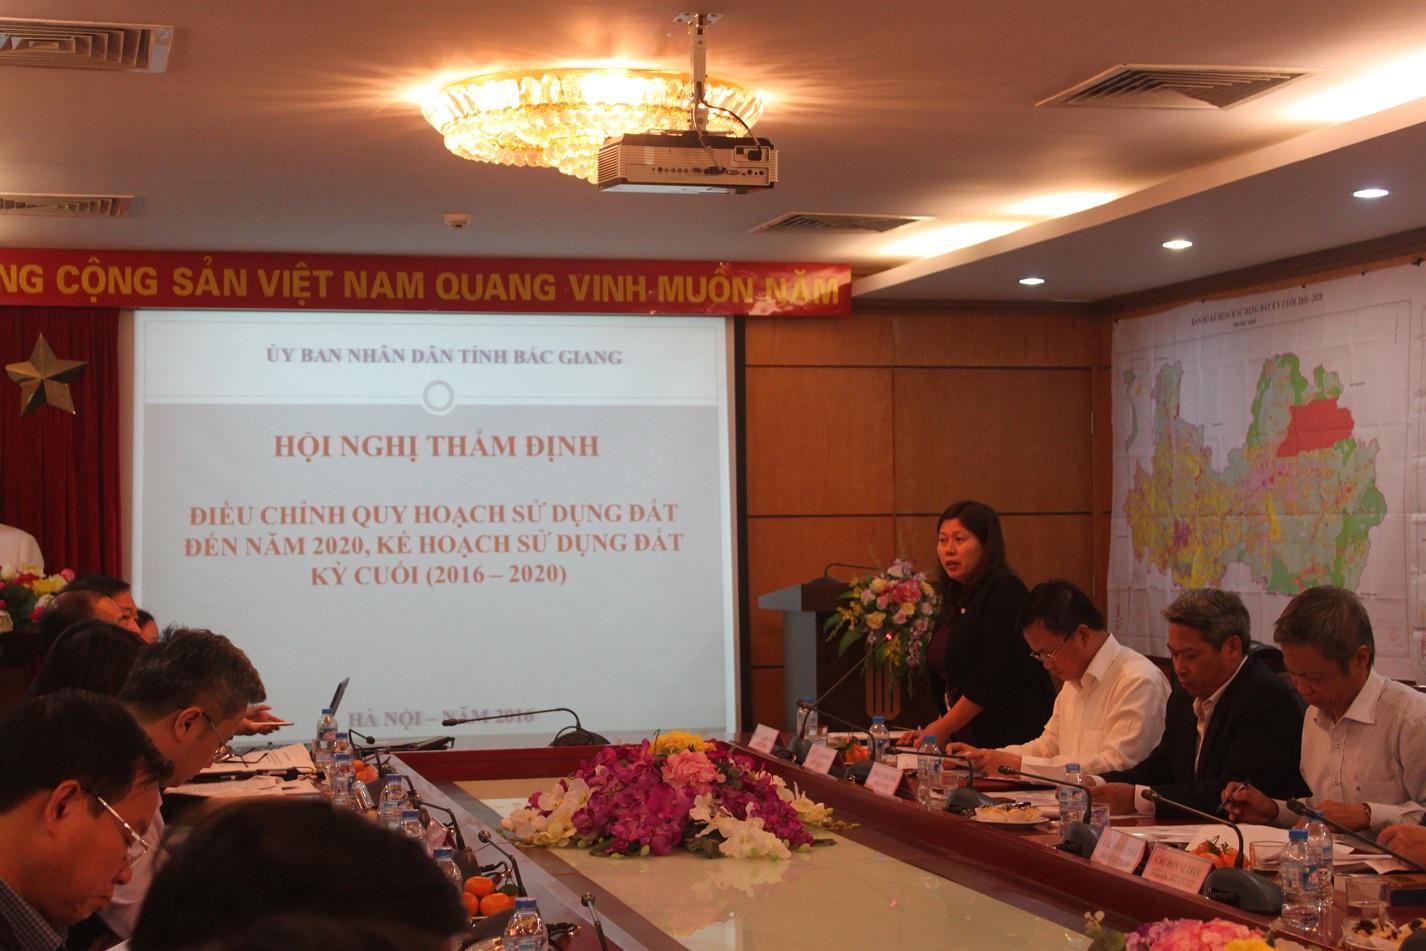 Bộ Tài nguyên và Môi trường tổ chức họp Hội đồng thẩm định điều chỉnh quy hoạch sử dụng đất đến năm 2020 và kế hoạch sử dụng đất 5 năm  kỳ cuối 2016-2020 cấp tỉnh và cho mục đích quốc phòng, an ninh.